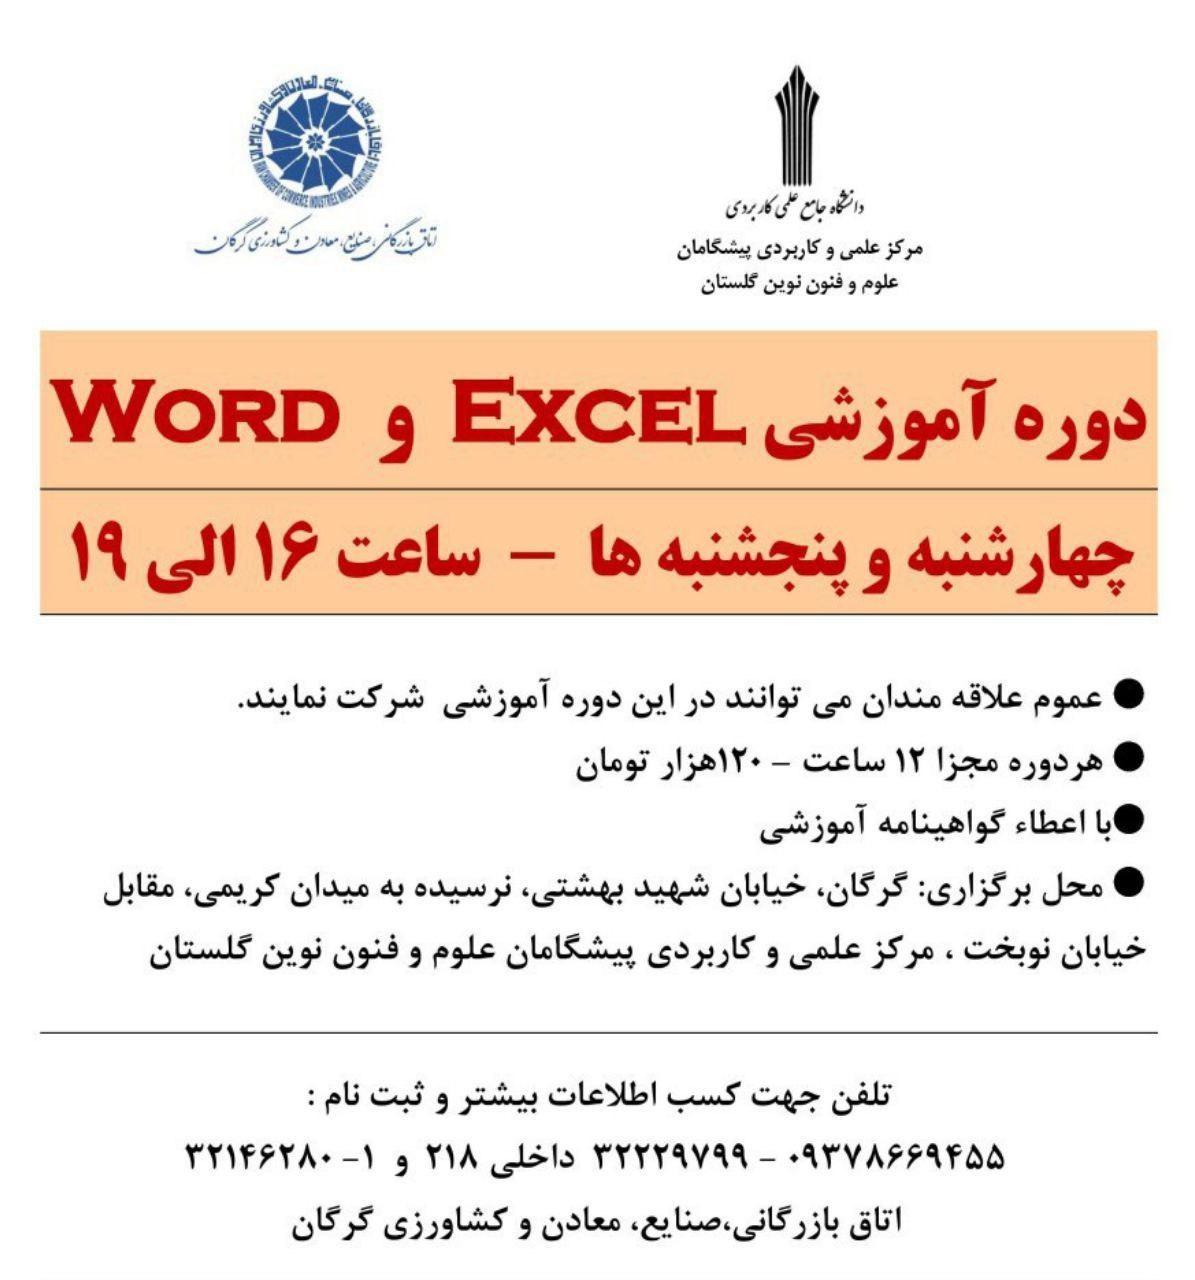 دوری آموزشی word و Excell